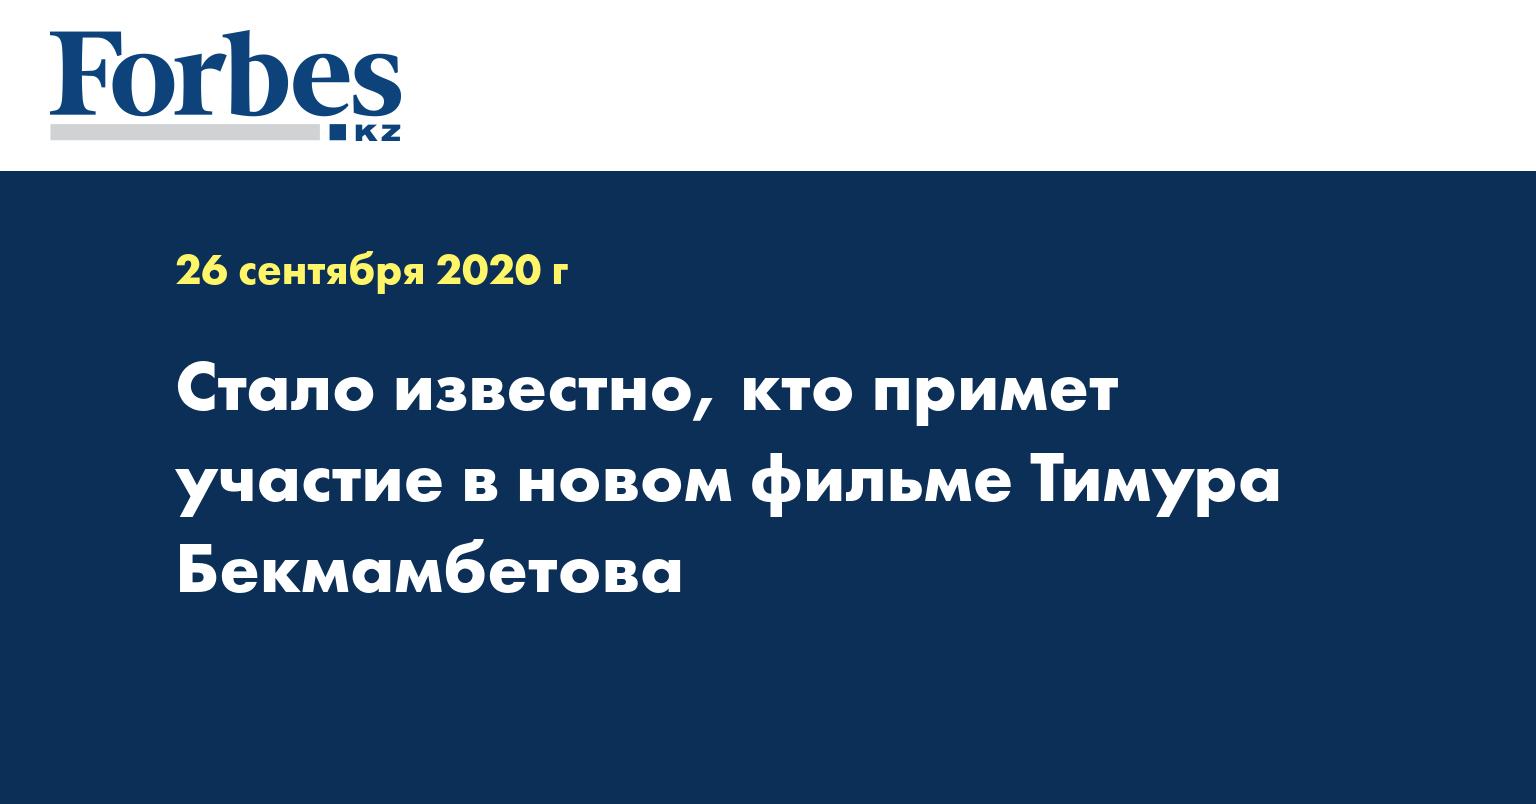 Стало известно, кто примет участие в новом фильме Тимура Бекмамбетова